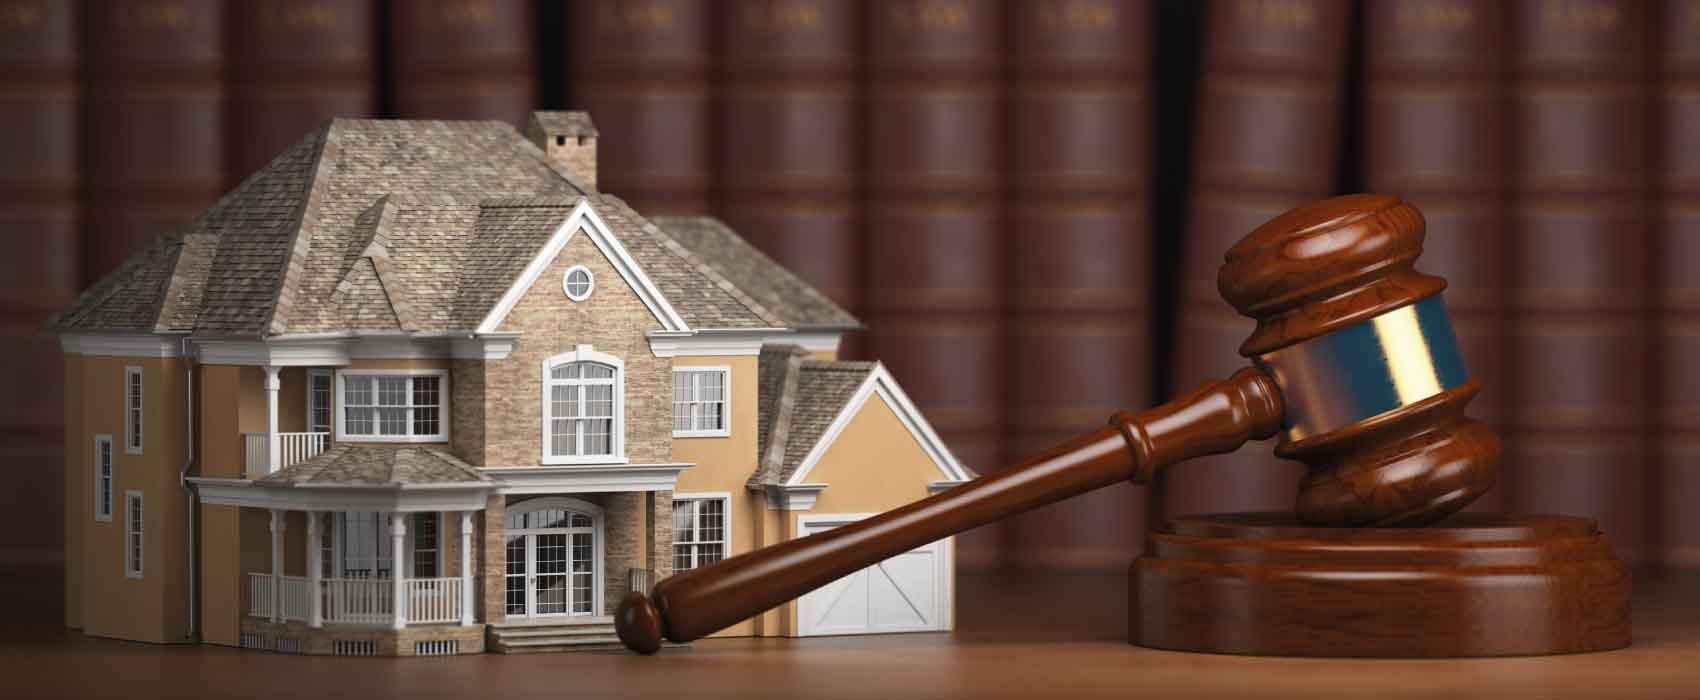 reclamación-gastos-de-hipoteca-2021-con-atlántico-legal-de-las-palamas-de-gran-canaria